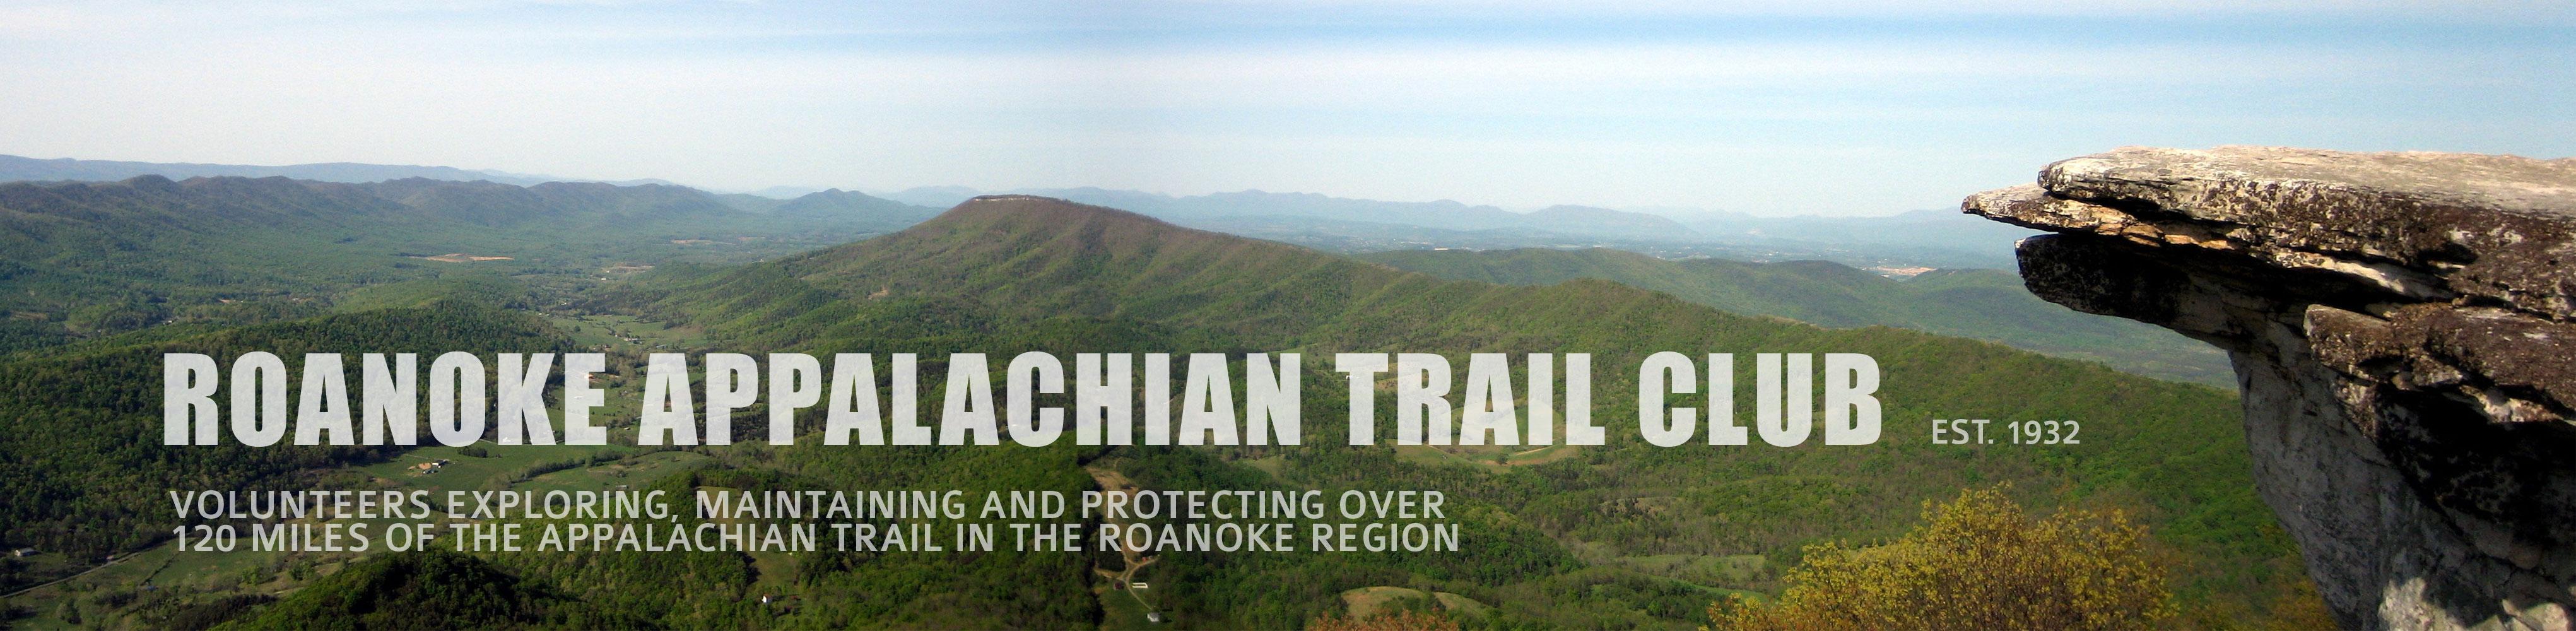 Roanoke Appalachian Trail Club